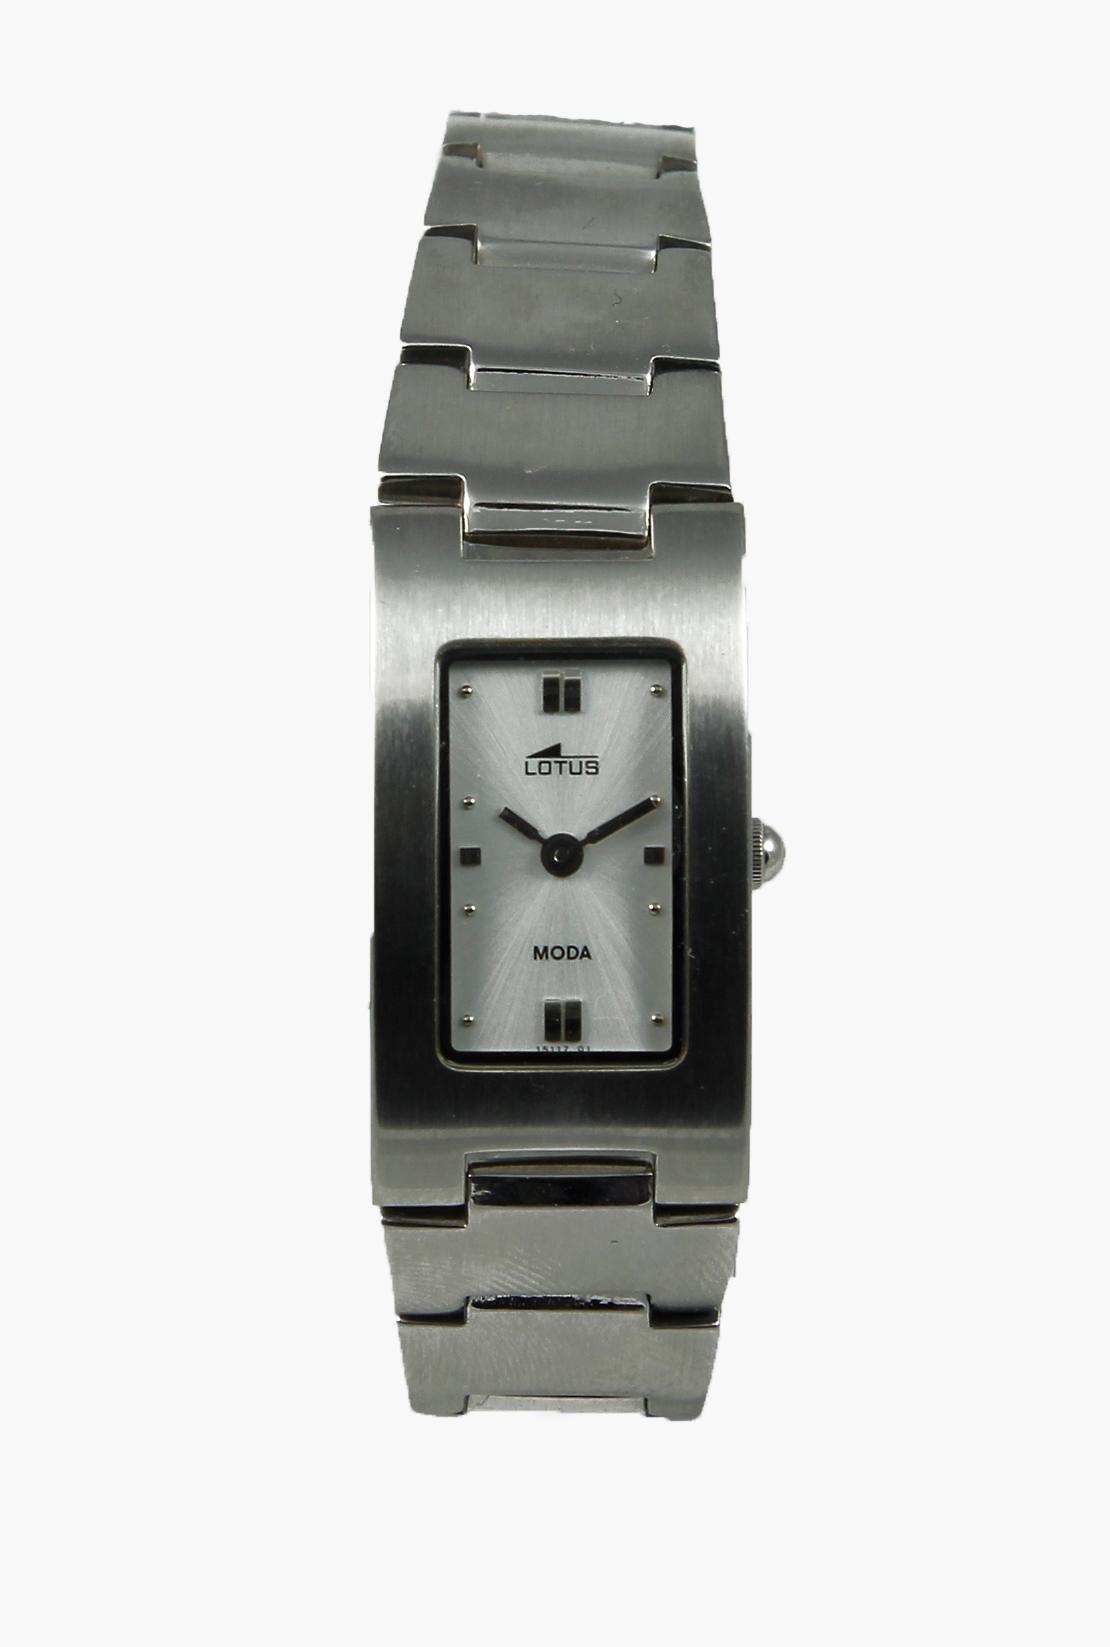 Comprar Joyas y Relojes Baratos 0851955326ad